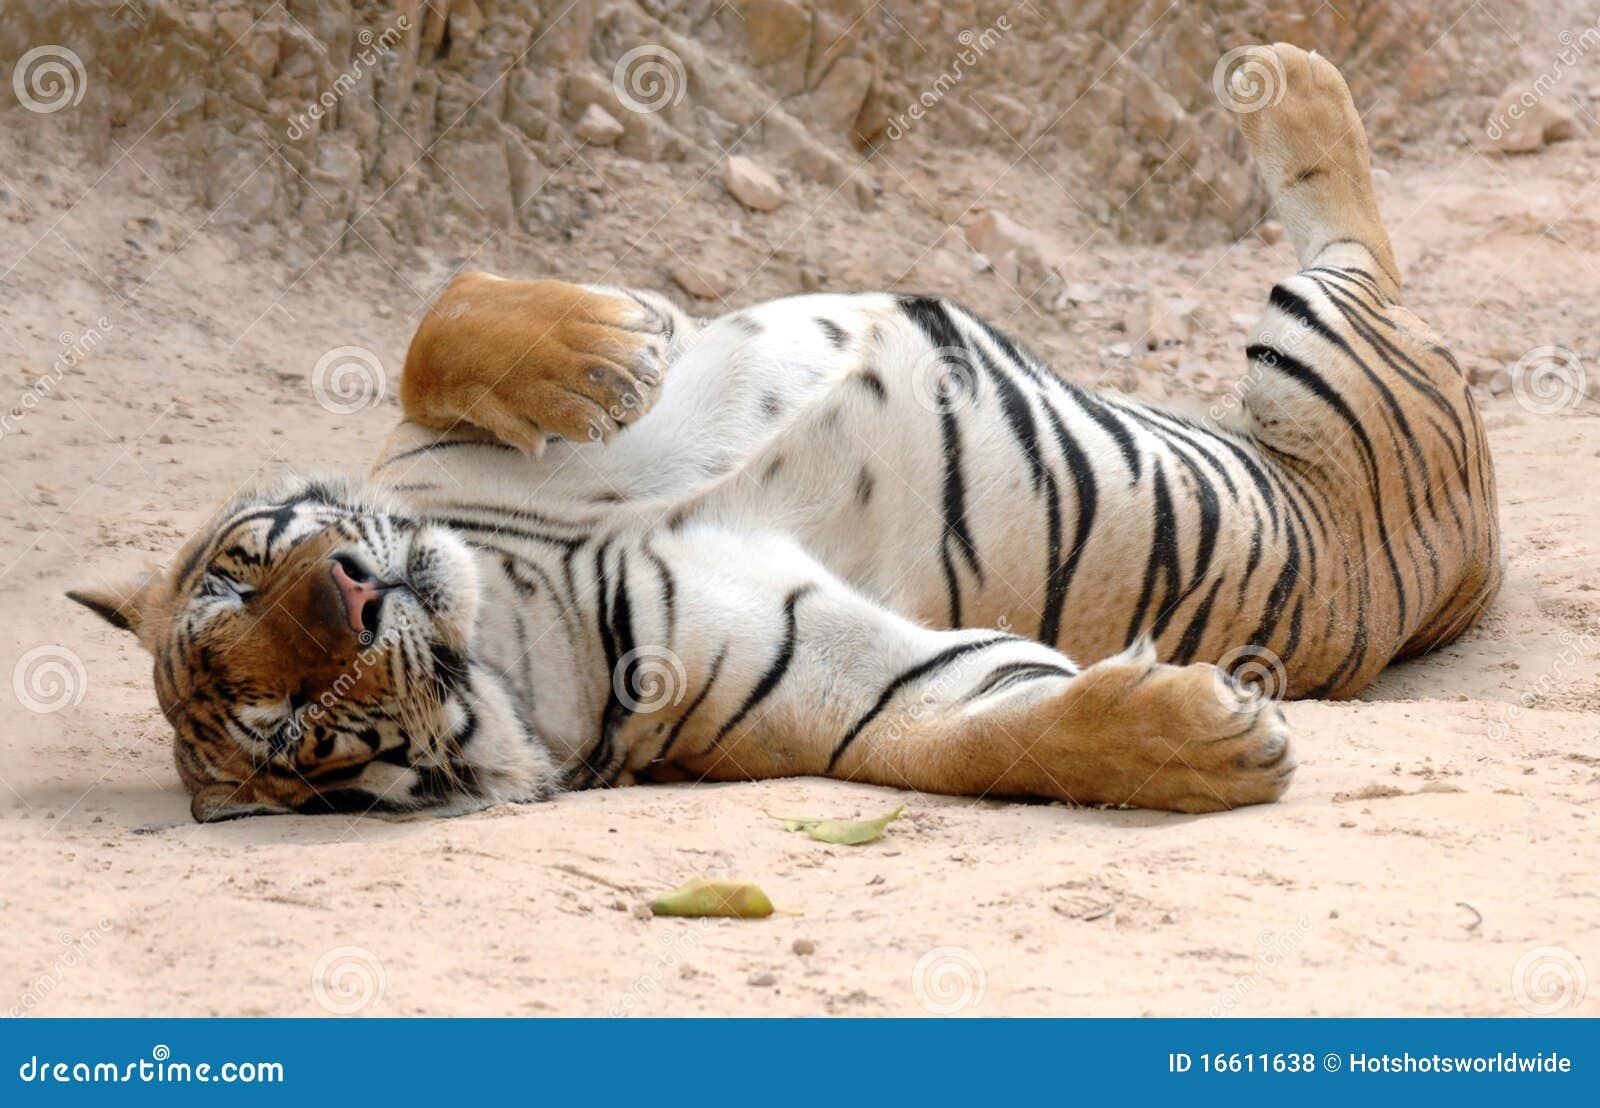 成人亚洲孟加拉猫公休眠泰国老虎